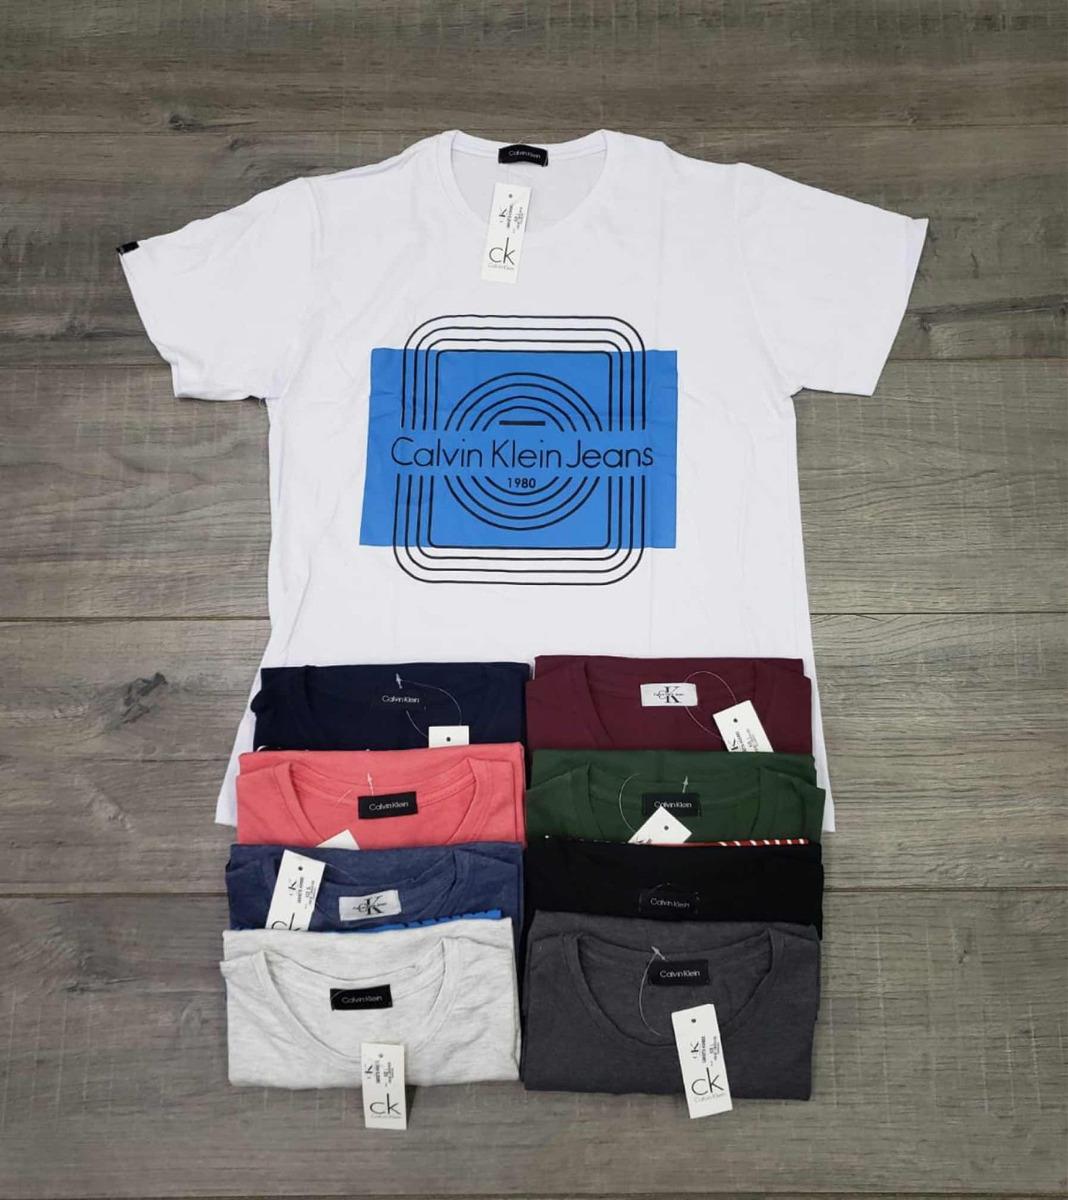 Camisa Marca Calvin Klein Levis Y Reebok -   55.000 en Mercado Libre 6e3ddb31fad